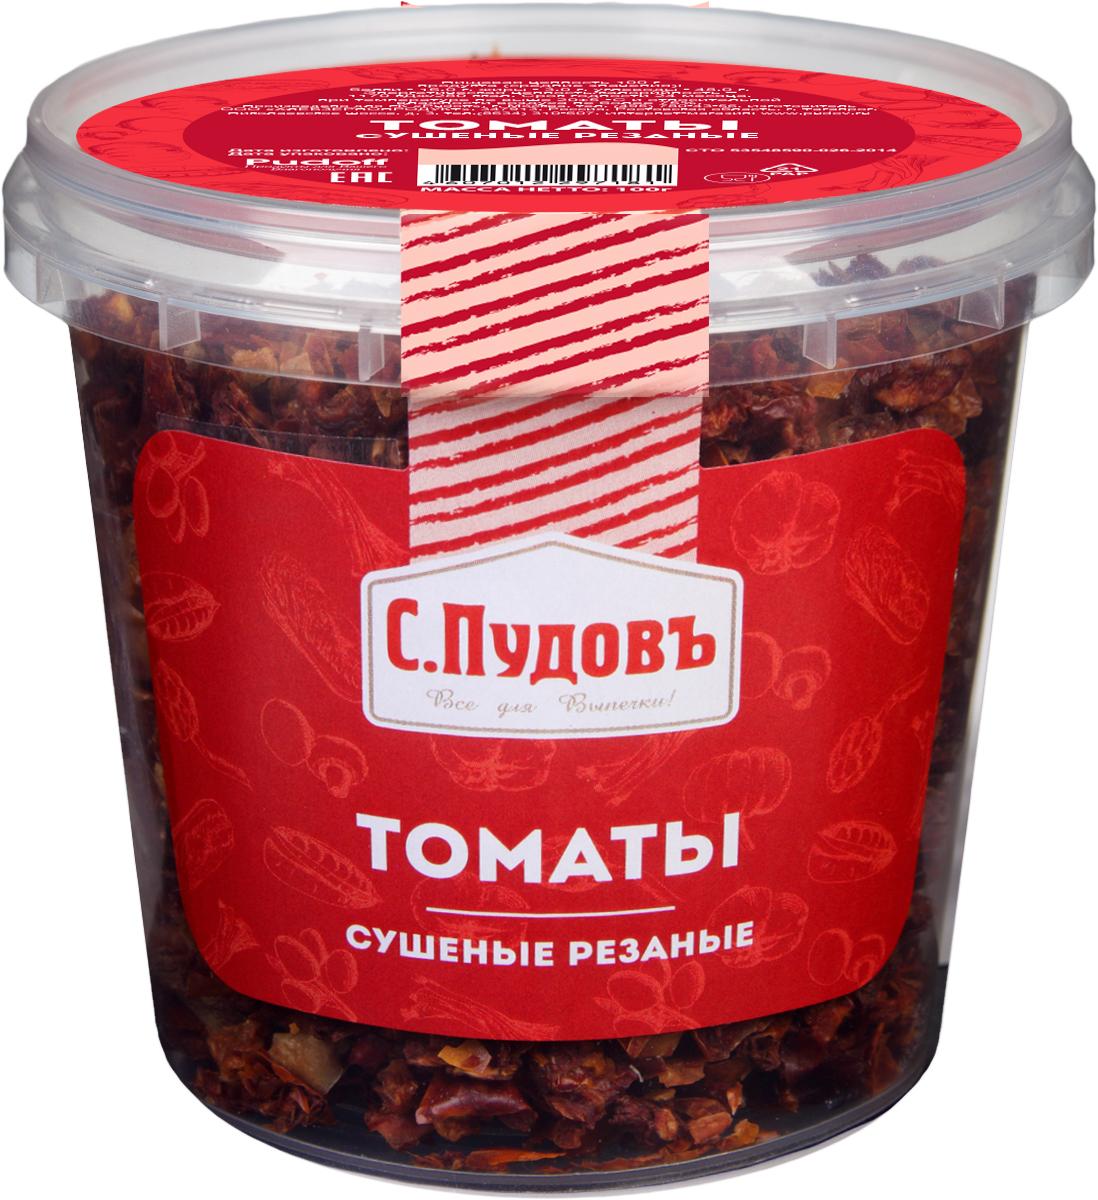 Пудовъ томаты сушеные резаные, 100 г4607012297181Сушеные резаные томаты - полезный ингредиент для тех, кто любит готовить. Его можно использовать при выпечке хлеба, приготовлении маринадов, горячих блюд, салатов. Великолепная добавка к восточным блюдам.Приправы для 7 видов блюд: от мяса до десерта. Статья OZON Гид